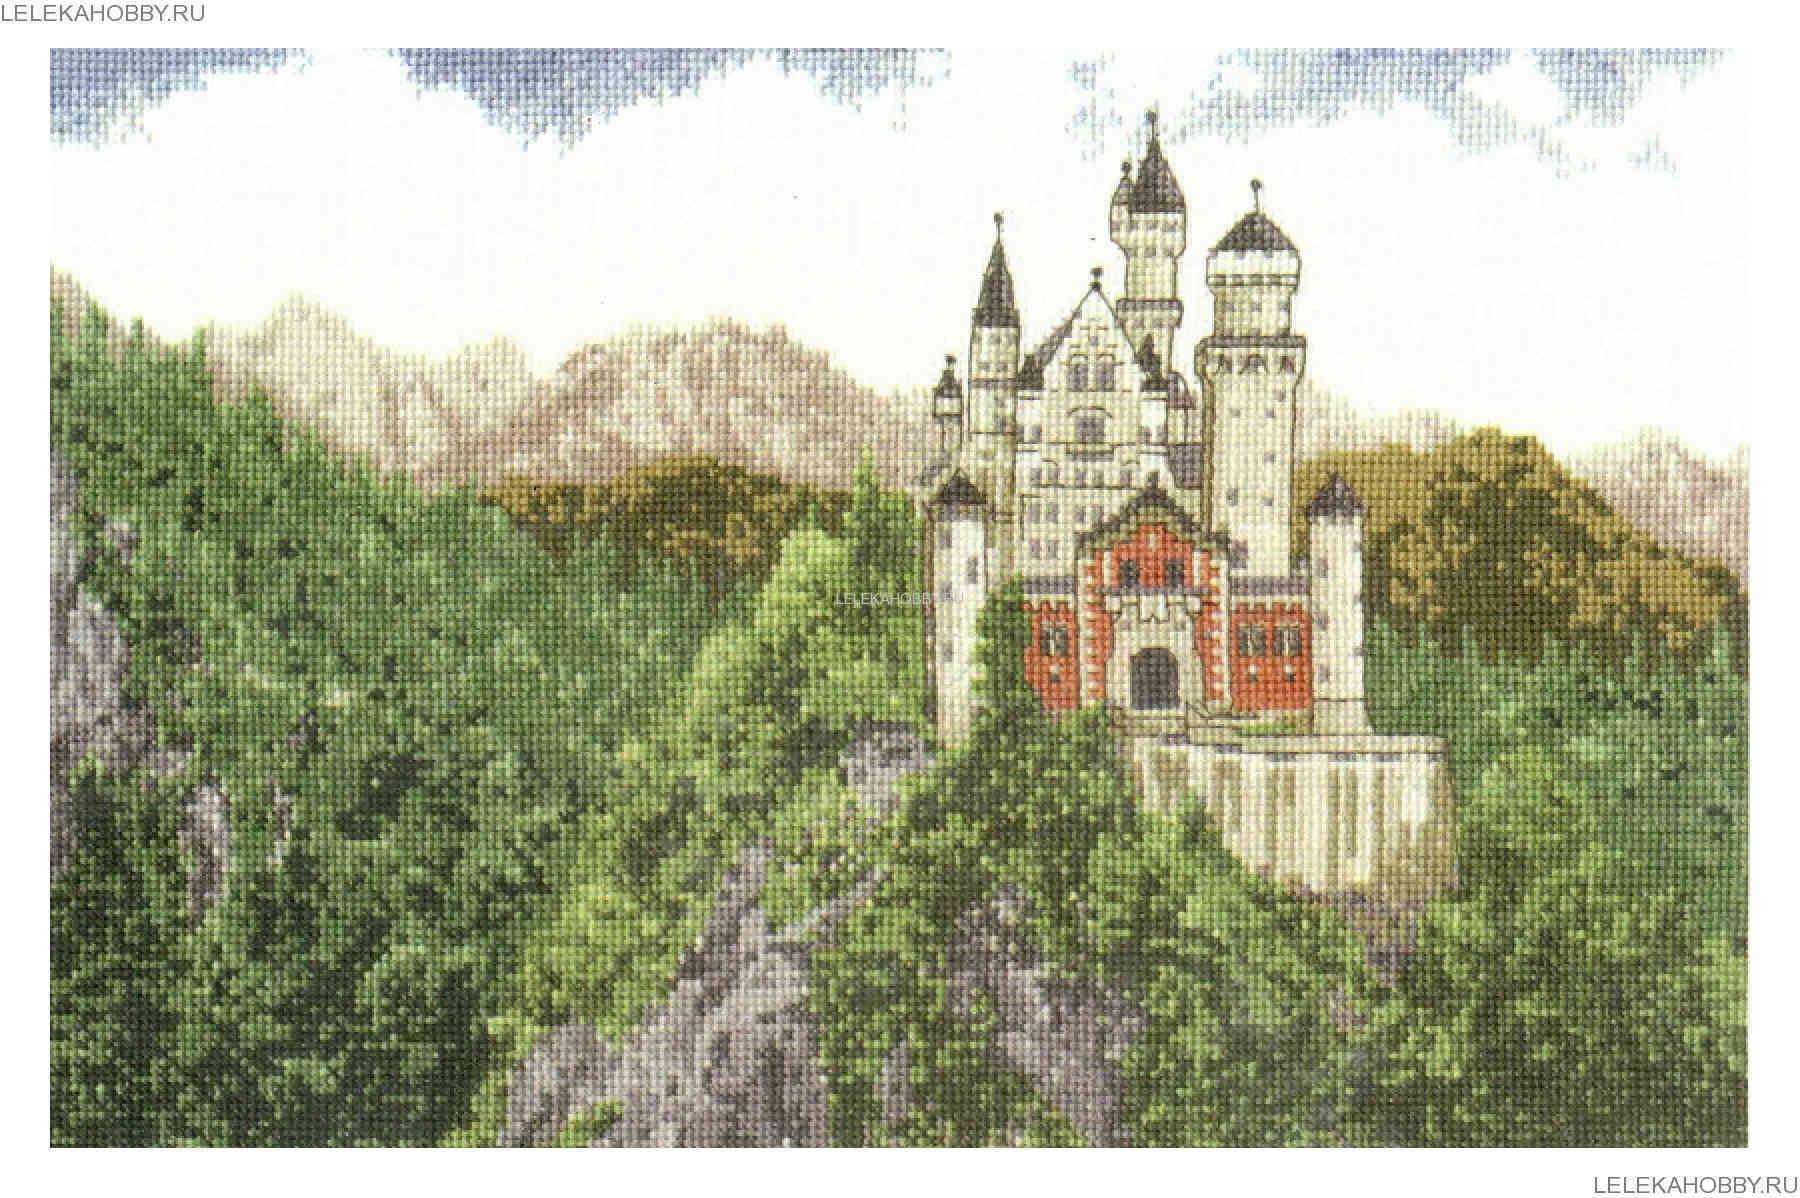 Замок нойшванштайн вышивка крестом набор